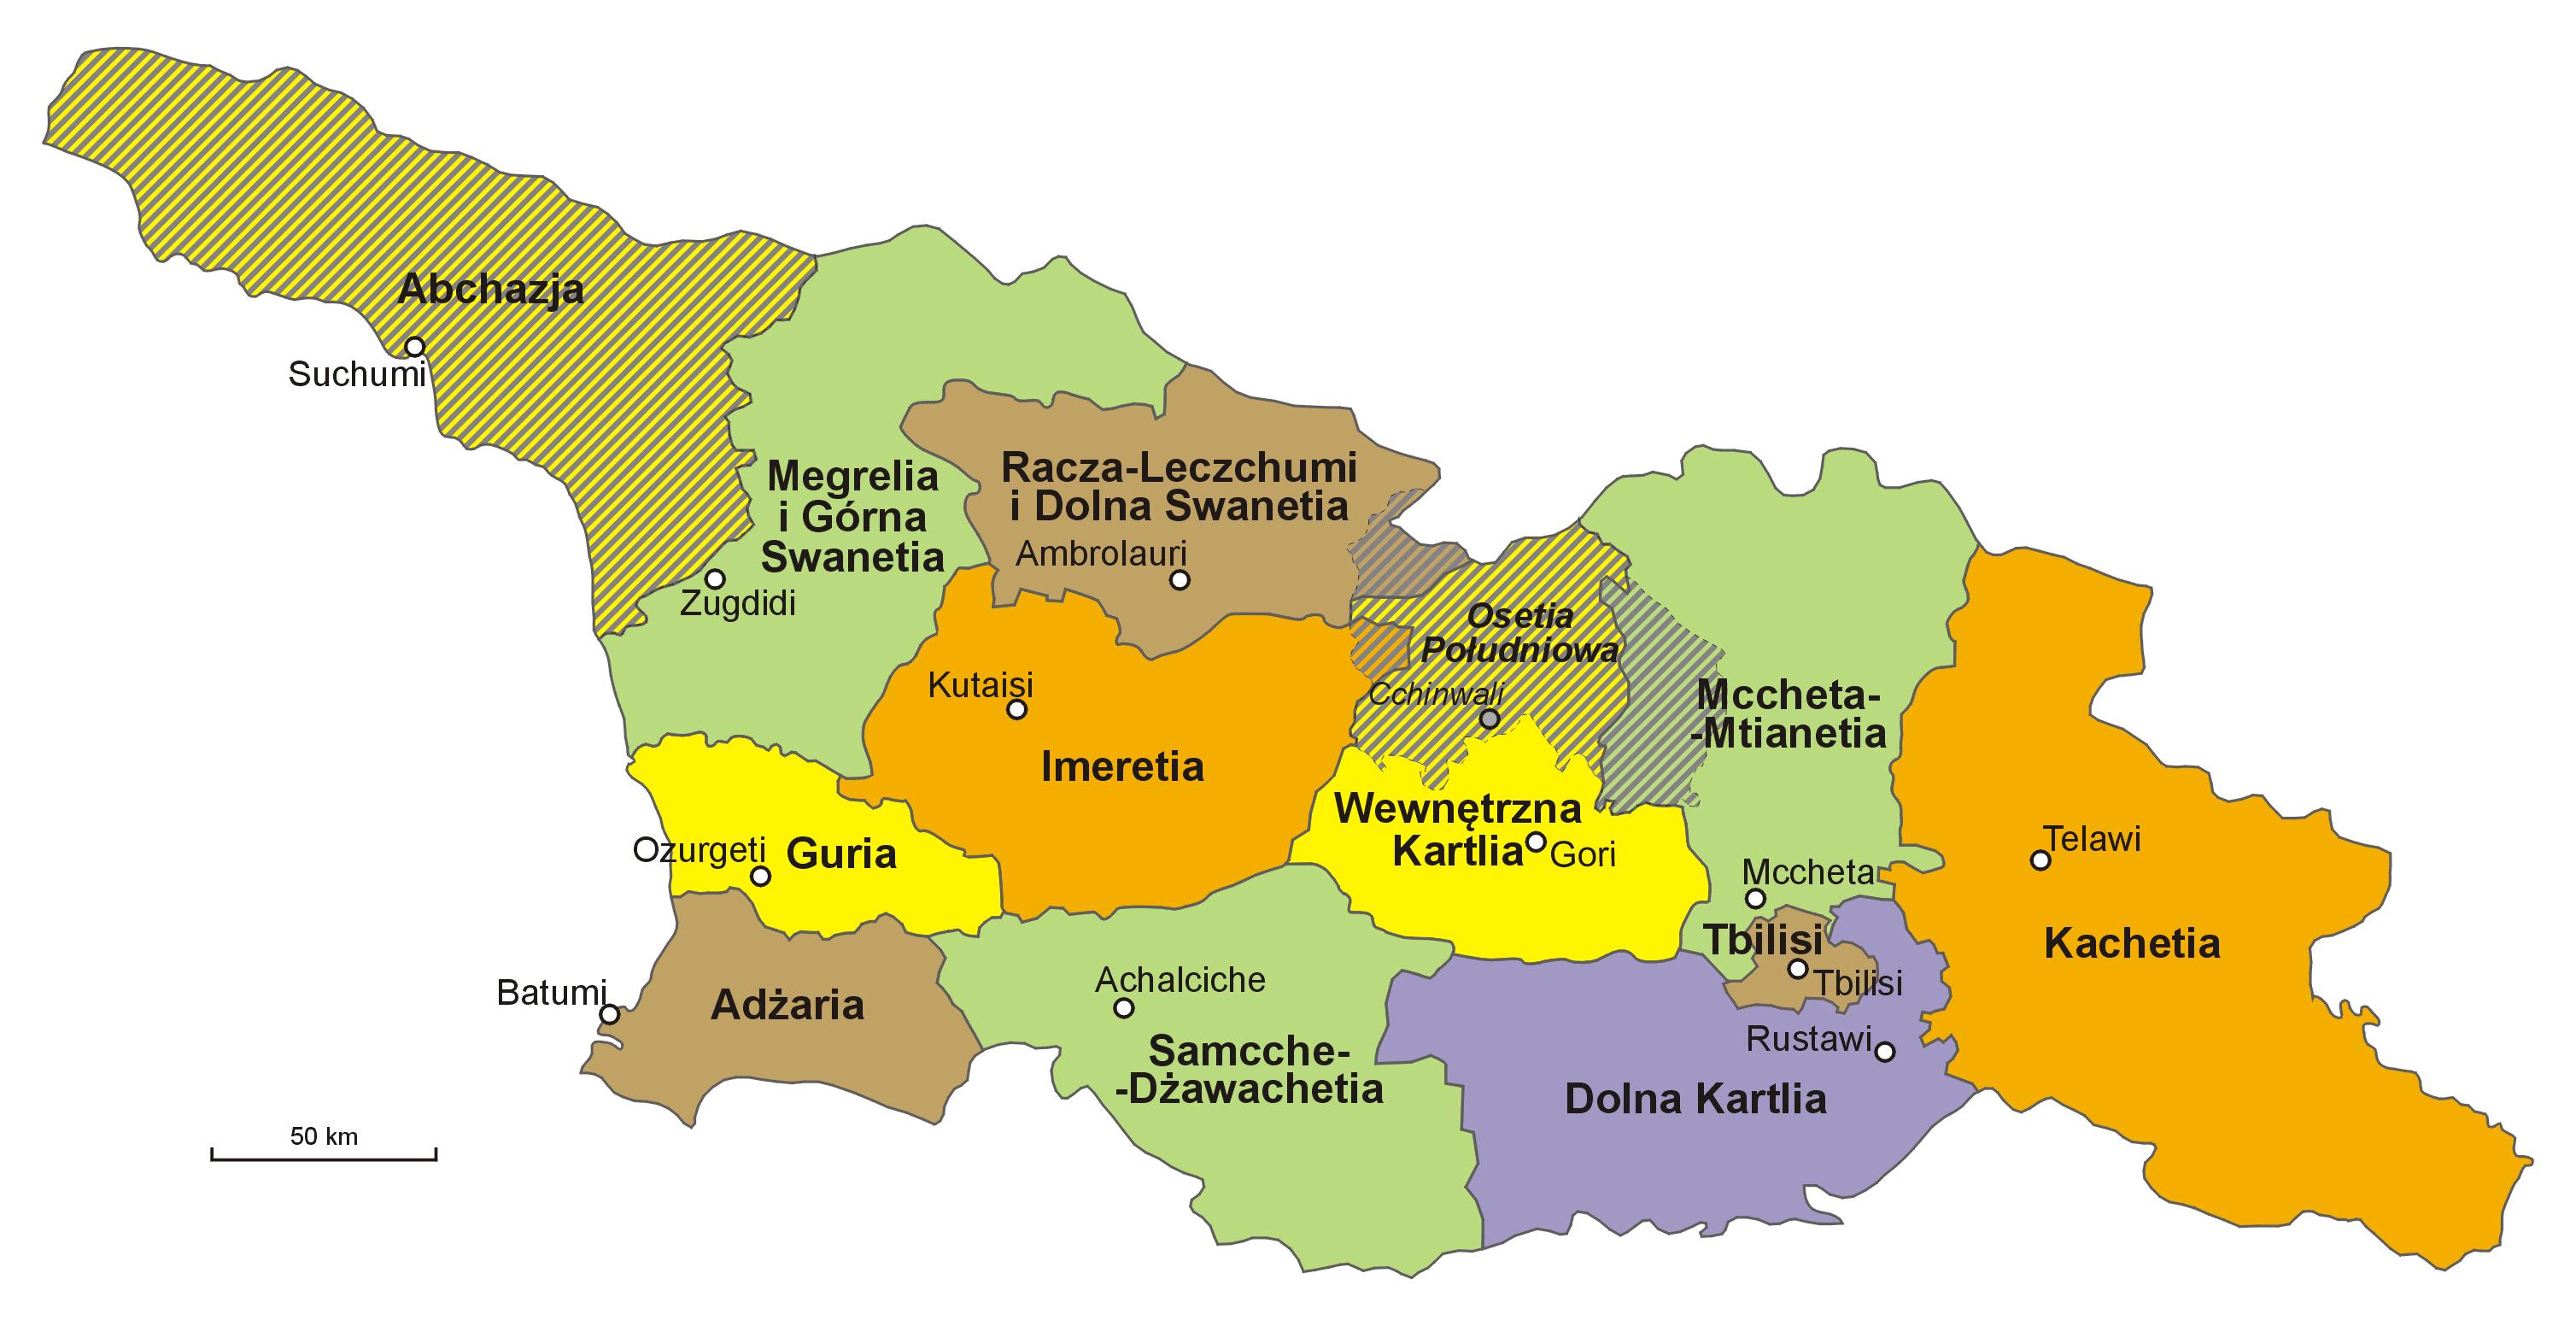 https://upload.wikimedia.org/wikipedia/commons/2/27/Gruzja-podział_administracyjny.png